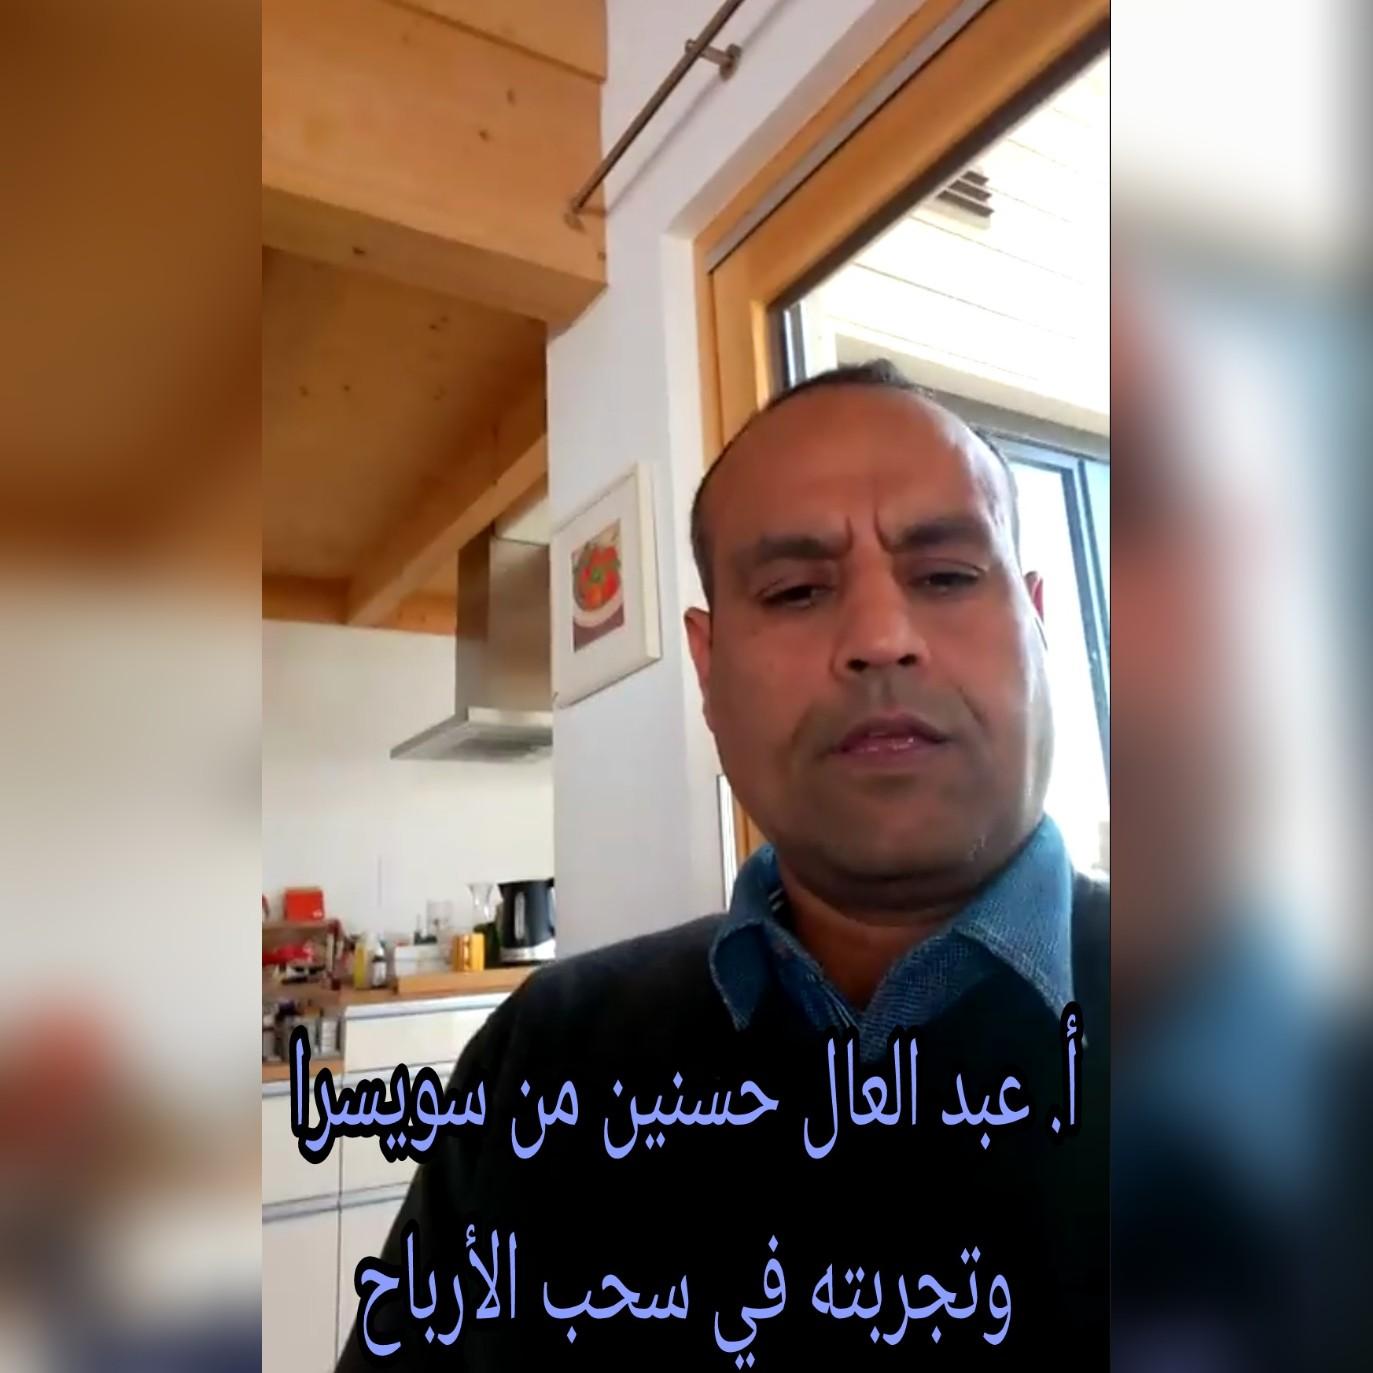 أ. عبد العال يتكلم عن تجربته مع الفوركس العربي و FBS وسحب أرباحه